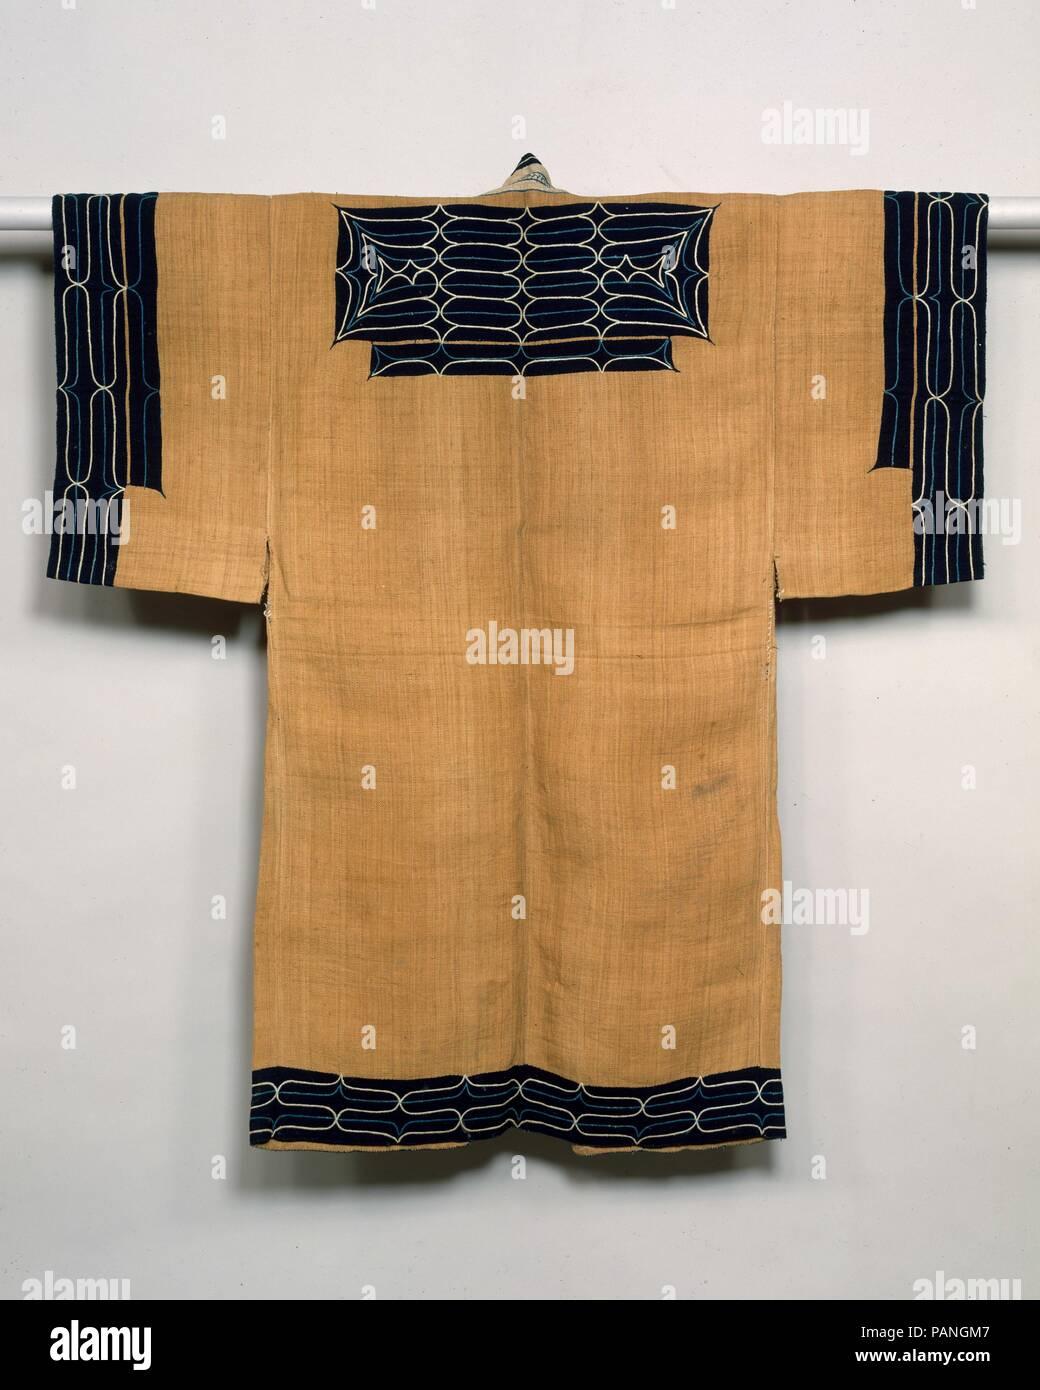 Costume Ainu. Culture: le Japon. Dimensions: L. (le cou à l'ourlet) 53 1/2 in. (135,9 cm); W. (embout de gaine à l'embout de gaine) 51 1/2 in. (130,8 cm). Date: du 19e siècle. Musée: Metropolitan Museum of Art, New York, USA. Banque D'Images